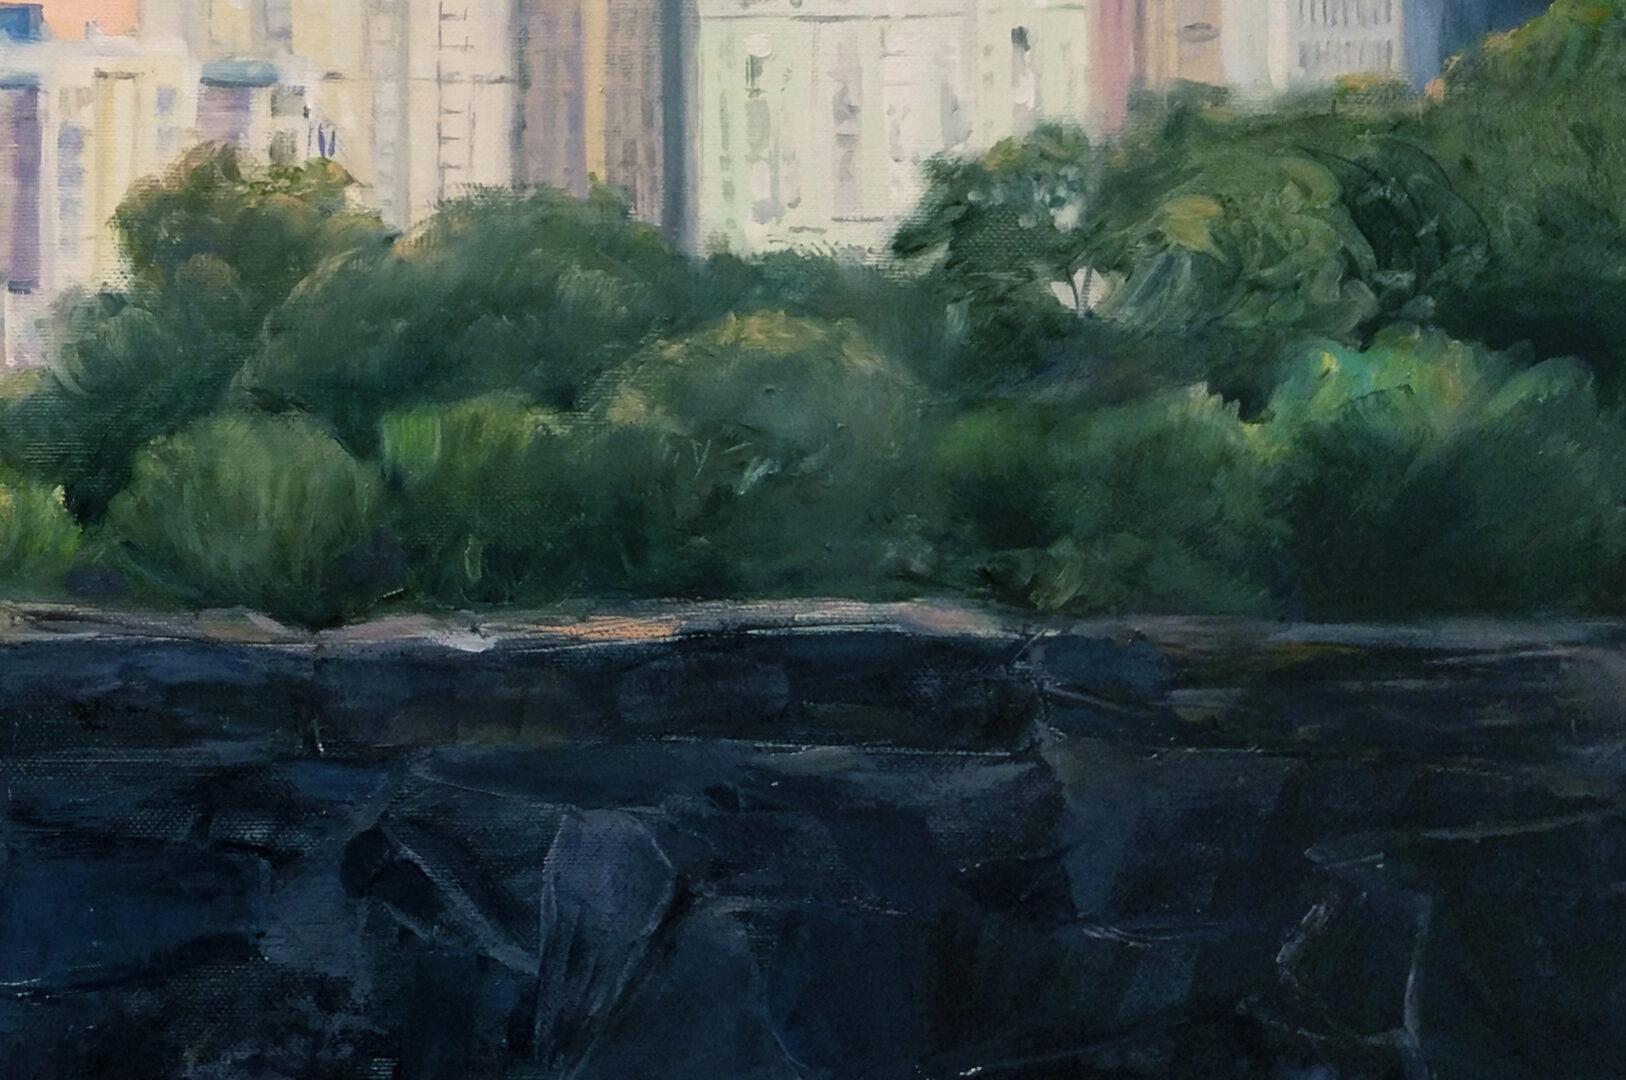 New York's park oil portrait img_3